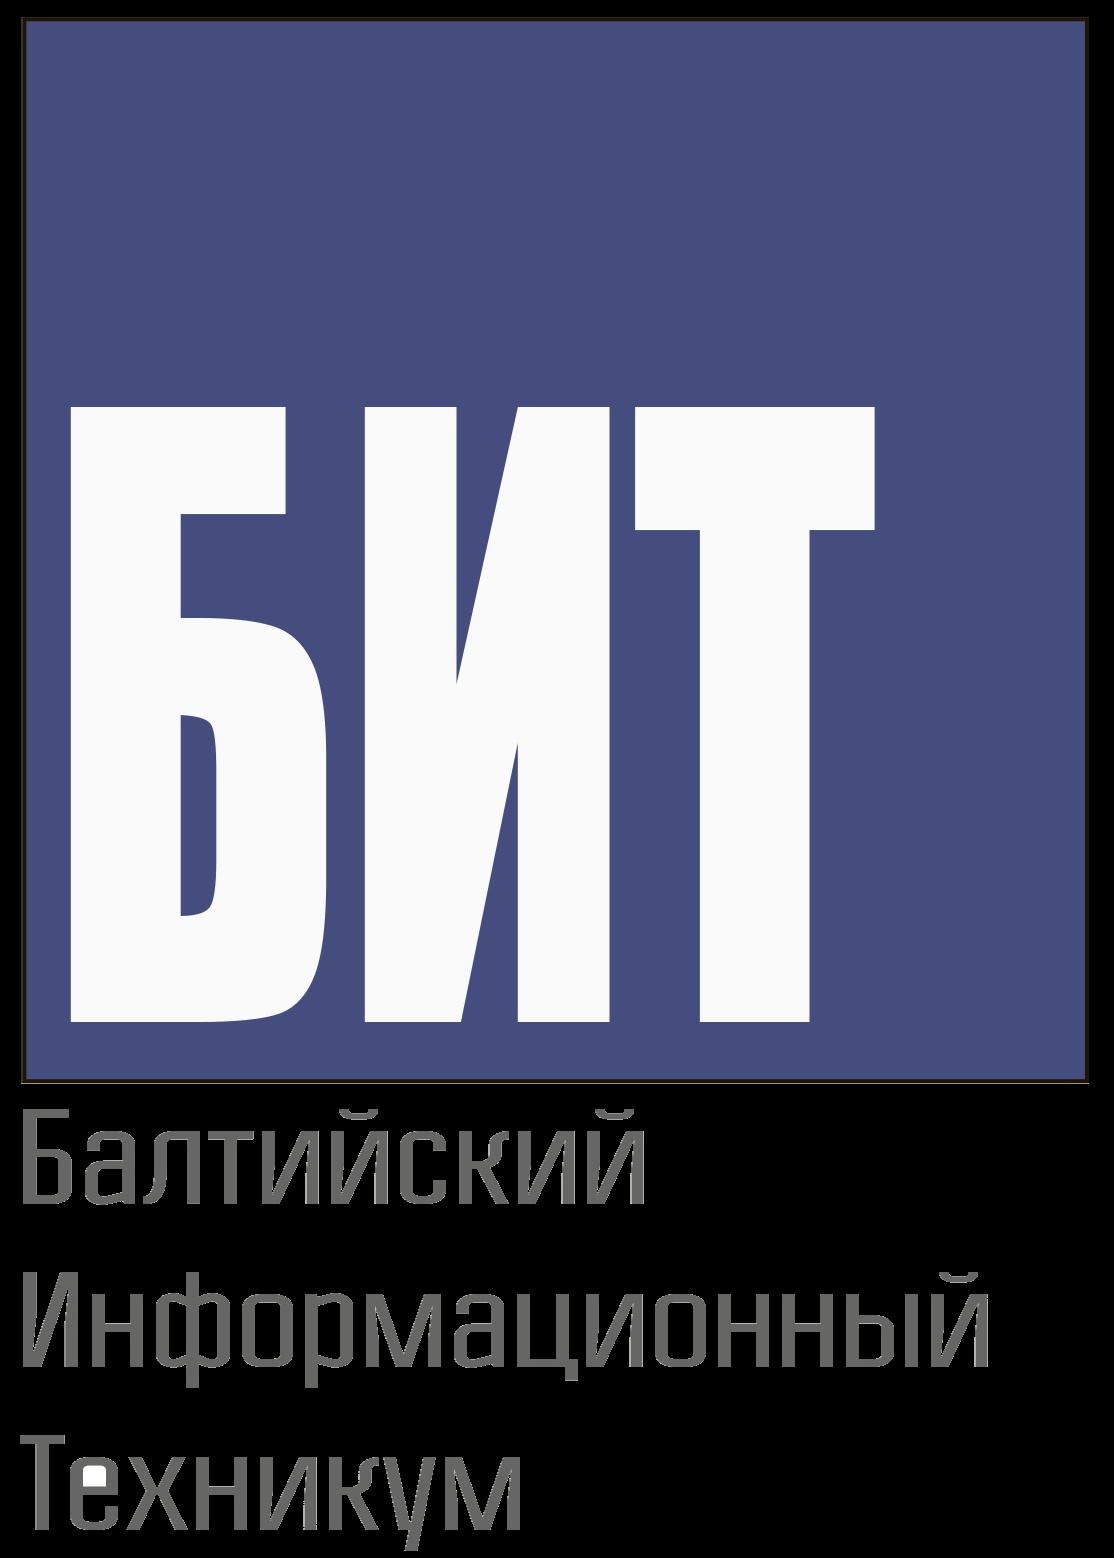 «Балтийский Информационный Техникум»